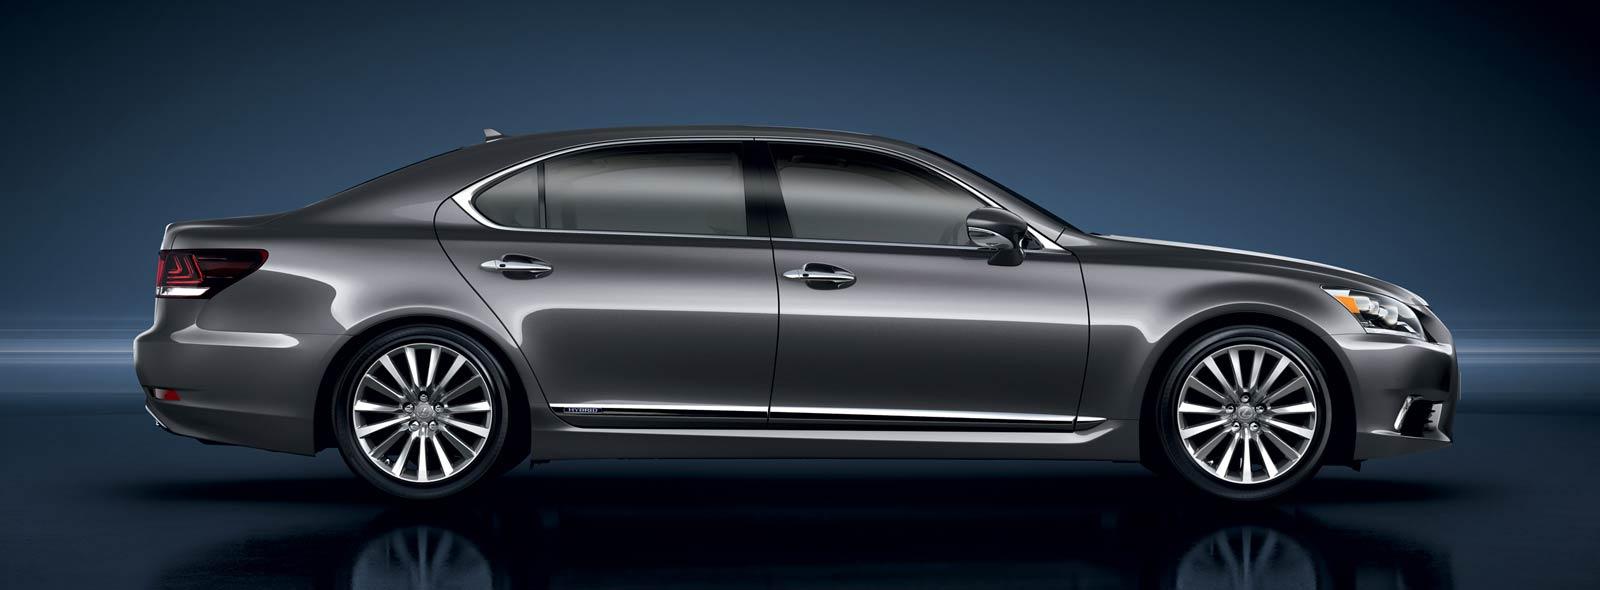 Vista laterale di LS Hybrid Luxury colore grigio scuro su sfondo scuro neutro